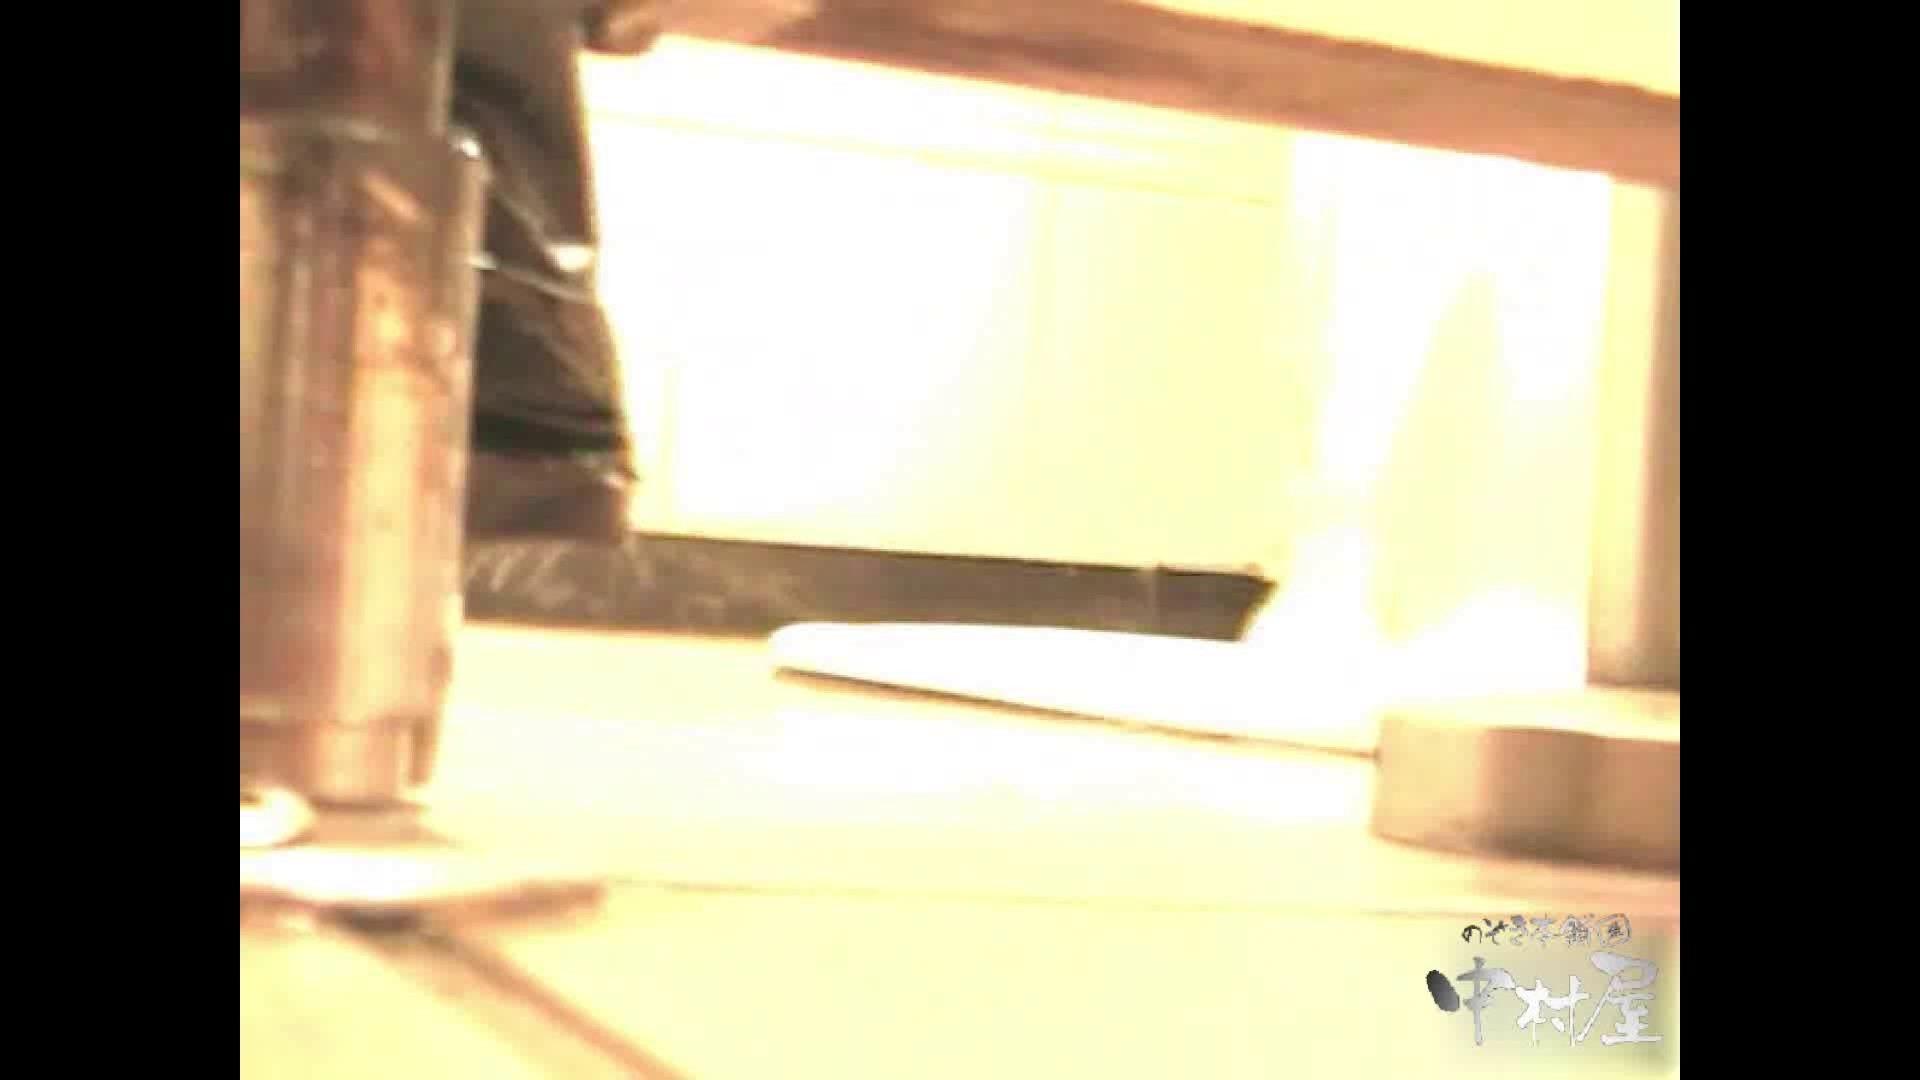 岩手県在住盗撮師盗撮記録vol.02 肛門編 われめAV動画紹介 108PIX 61